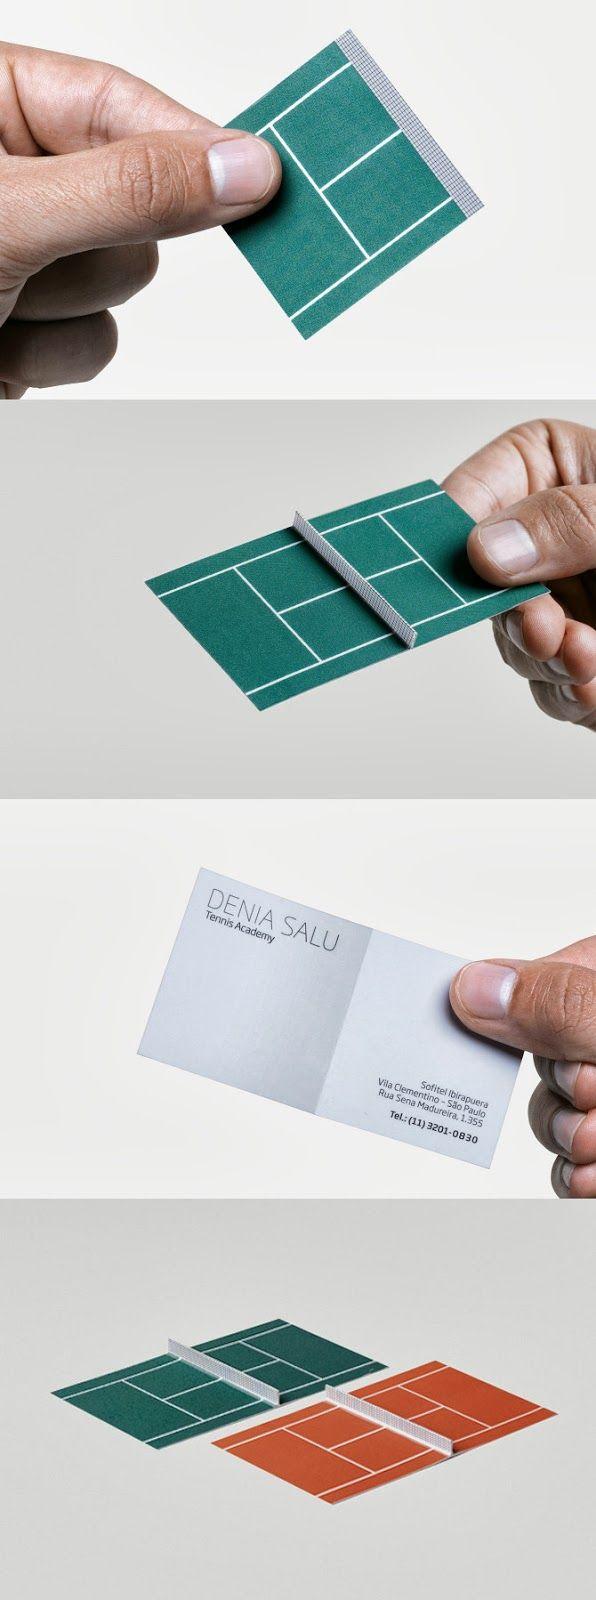 Ame Design - amenidades do Design . blog: Cartão para tenista